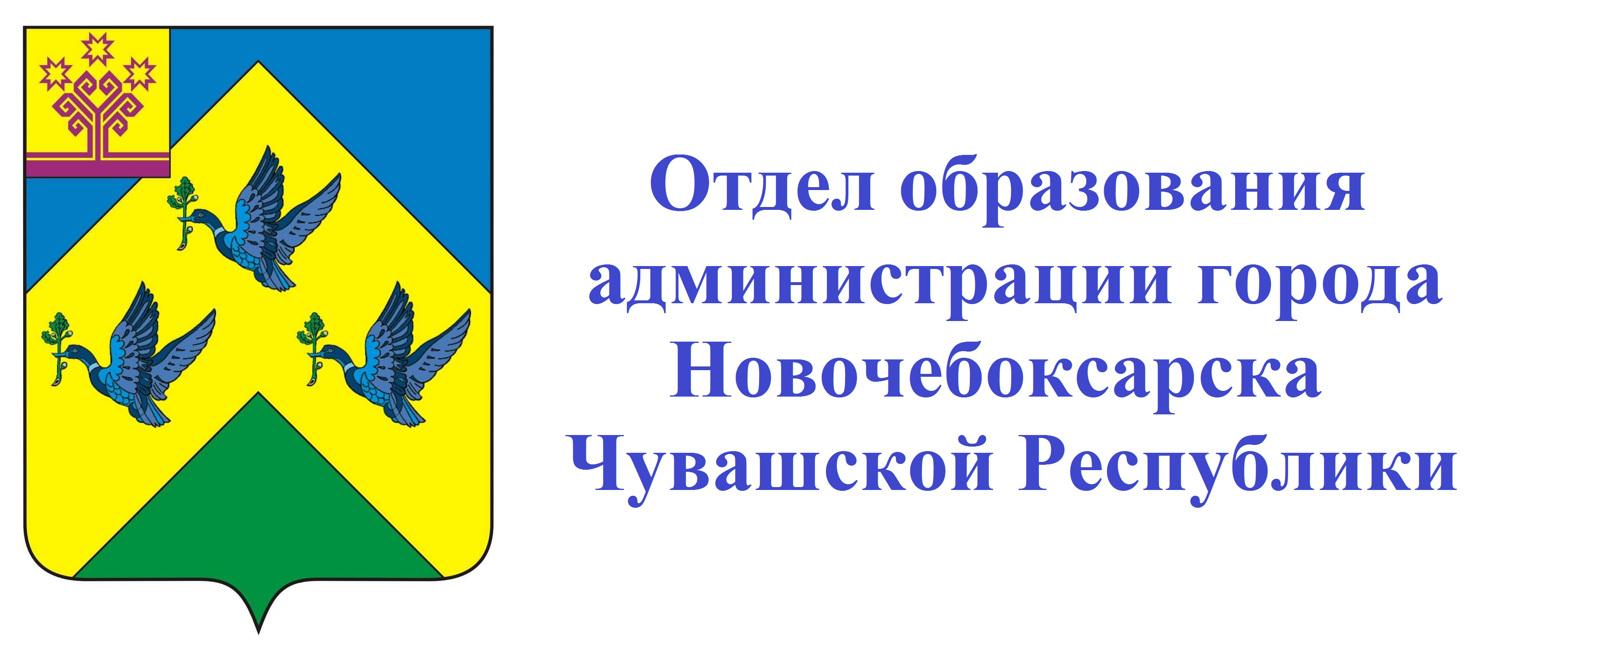 Отдел образования администрации города Новочебоксарска Чувашской Республики